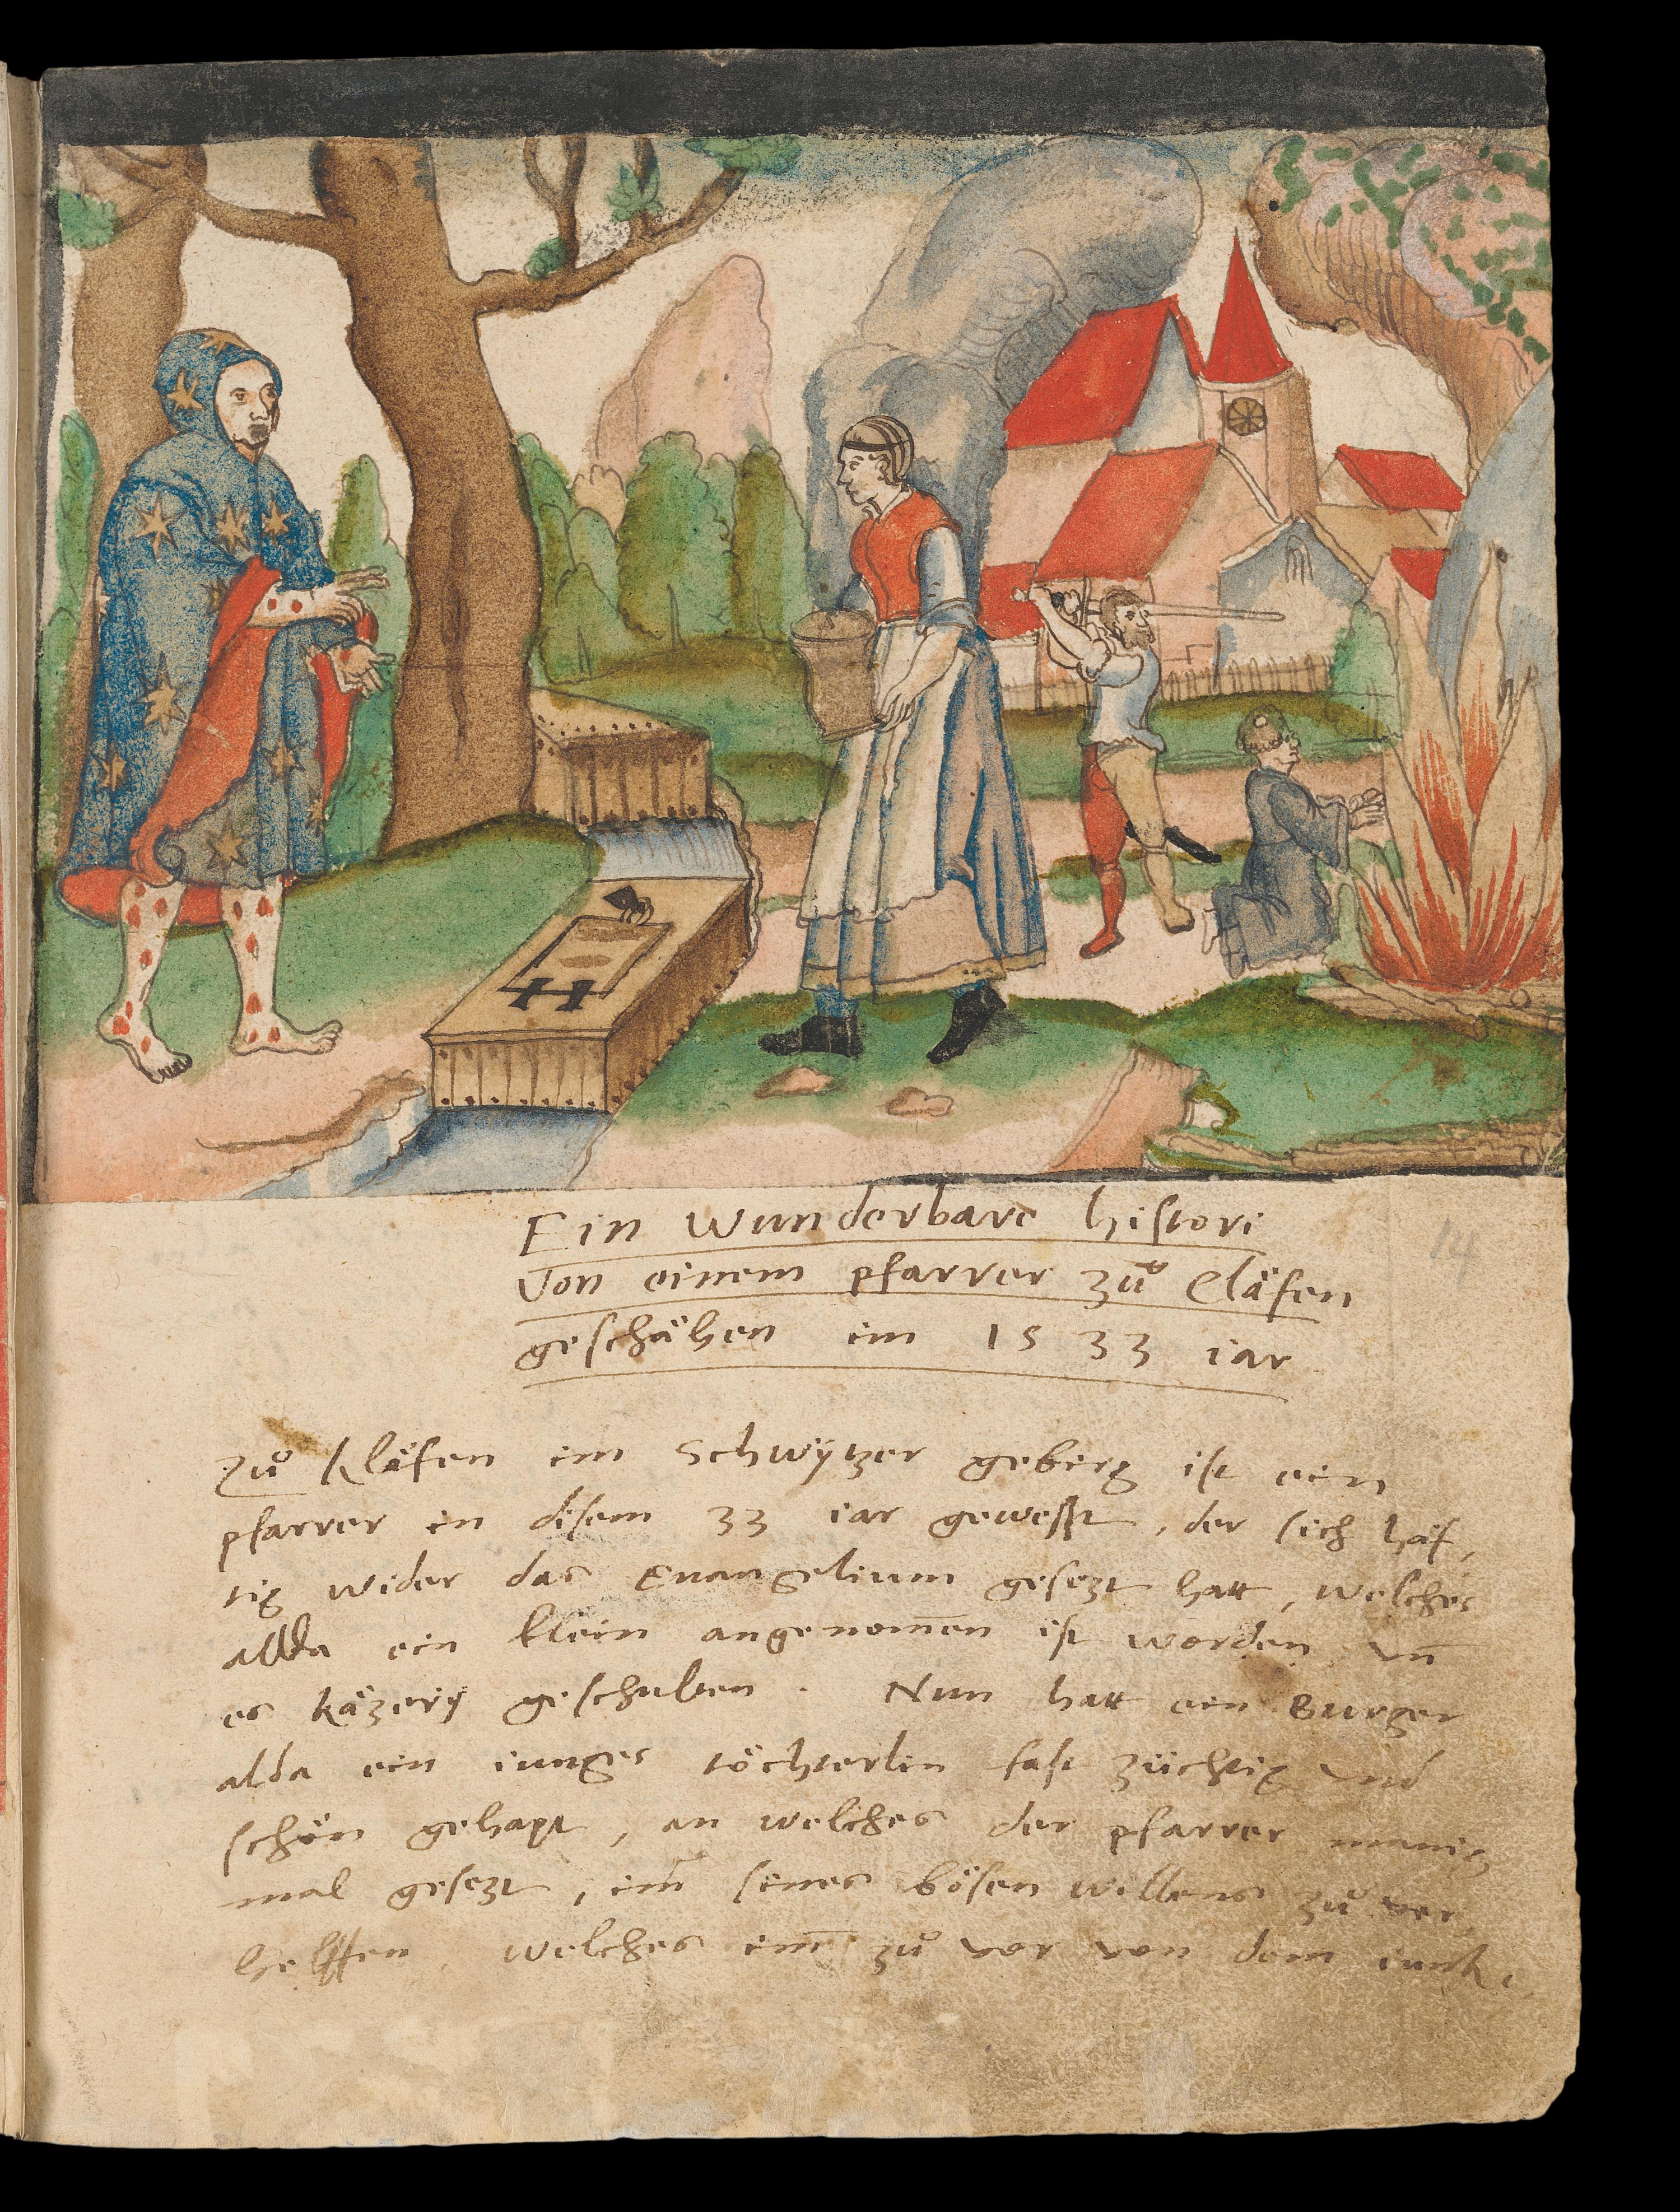 Wunderbare Histori 1533